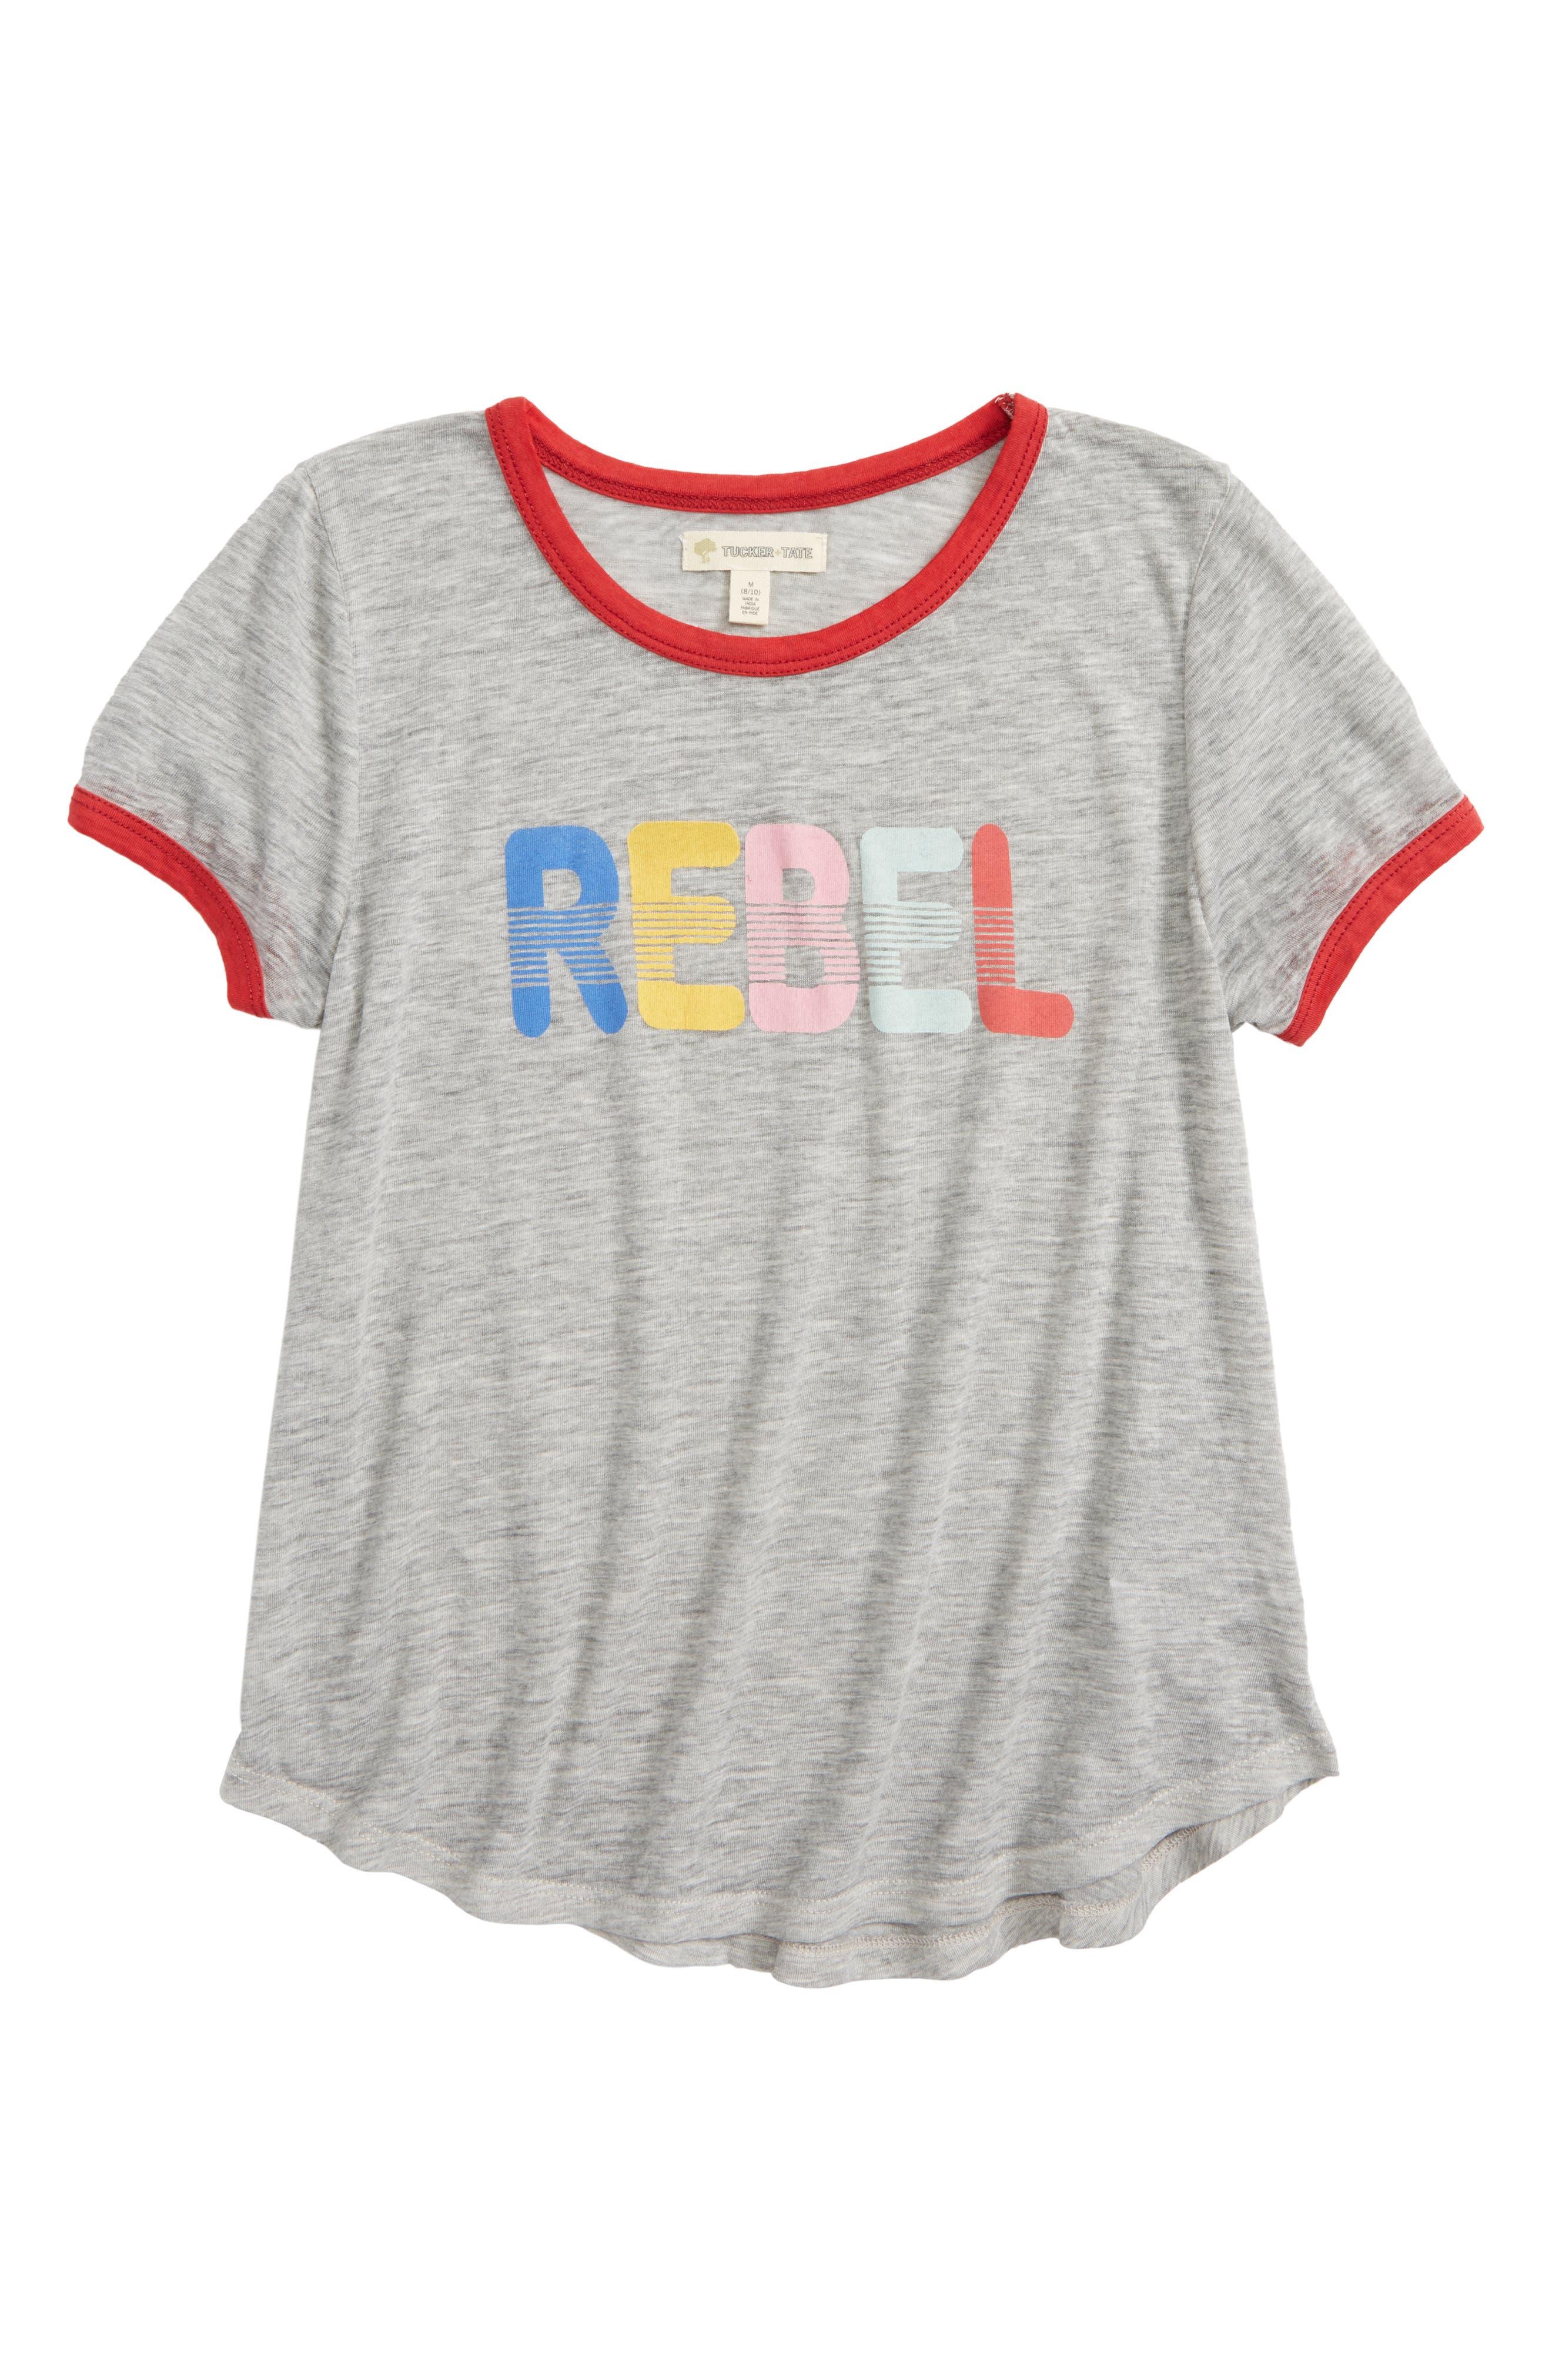 Rebel Ringer Tee,                         Main,                         color, 050